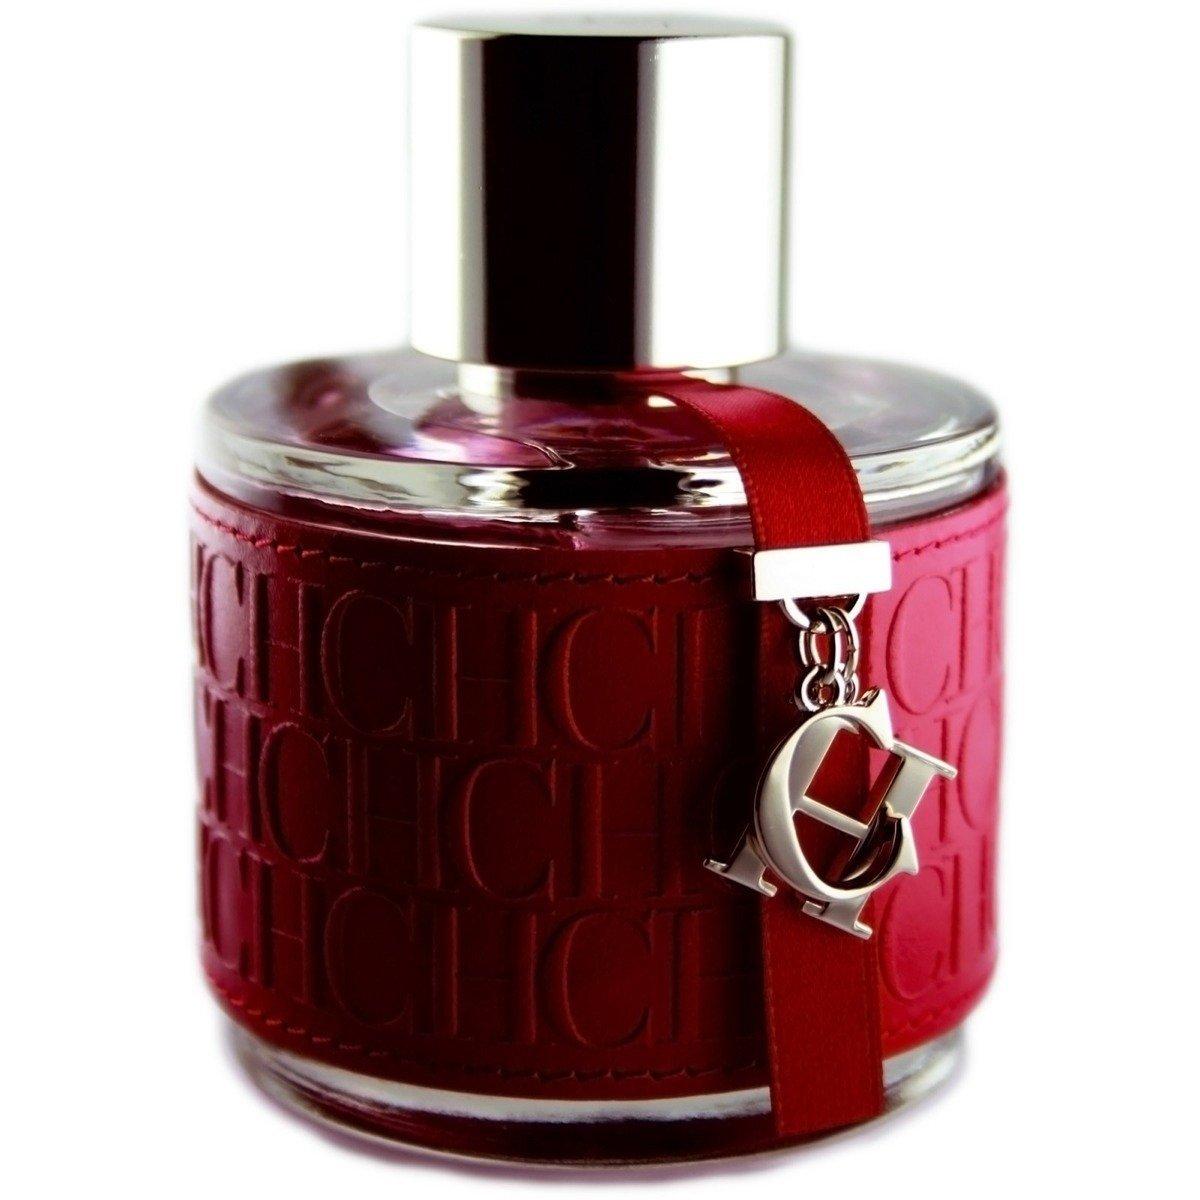 perfume carolina herrera ch ch feminino edt 100 ml 6416 2000 62574